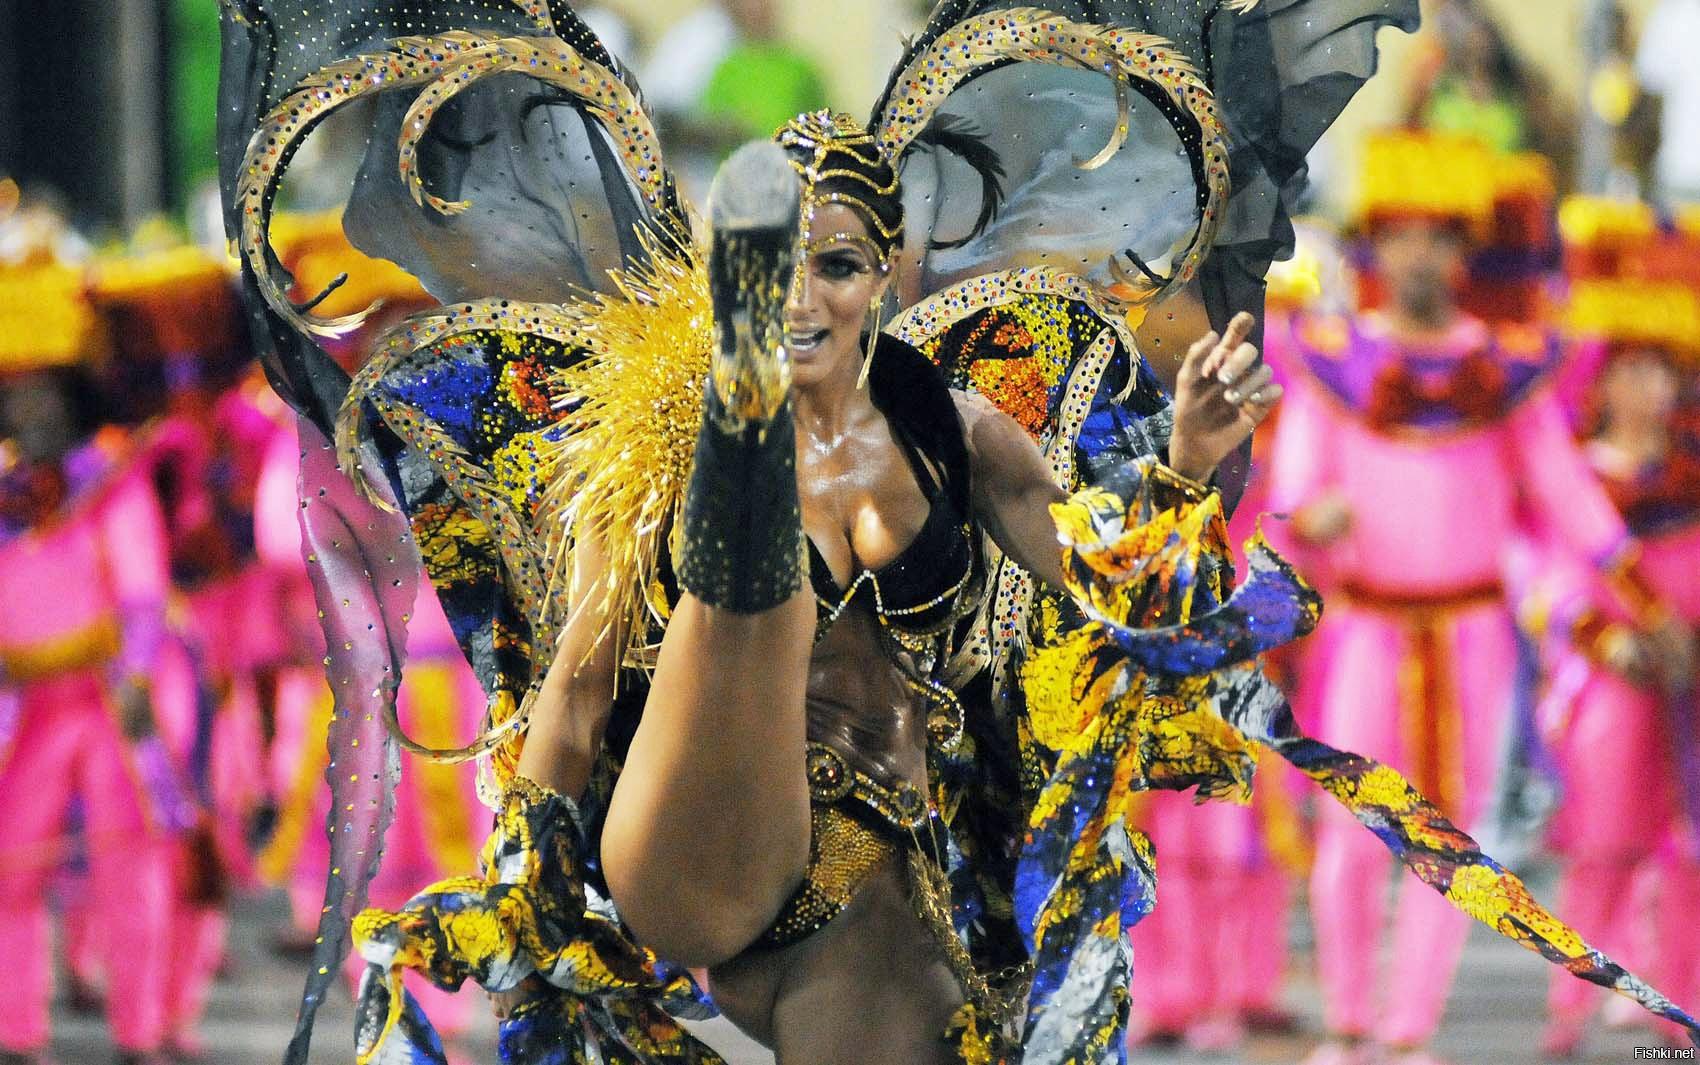 частное фото карнавала в бразилии обнаженные тела просто